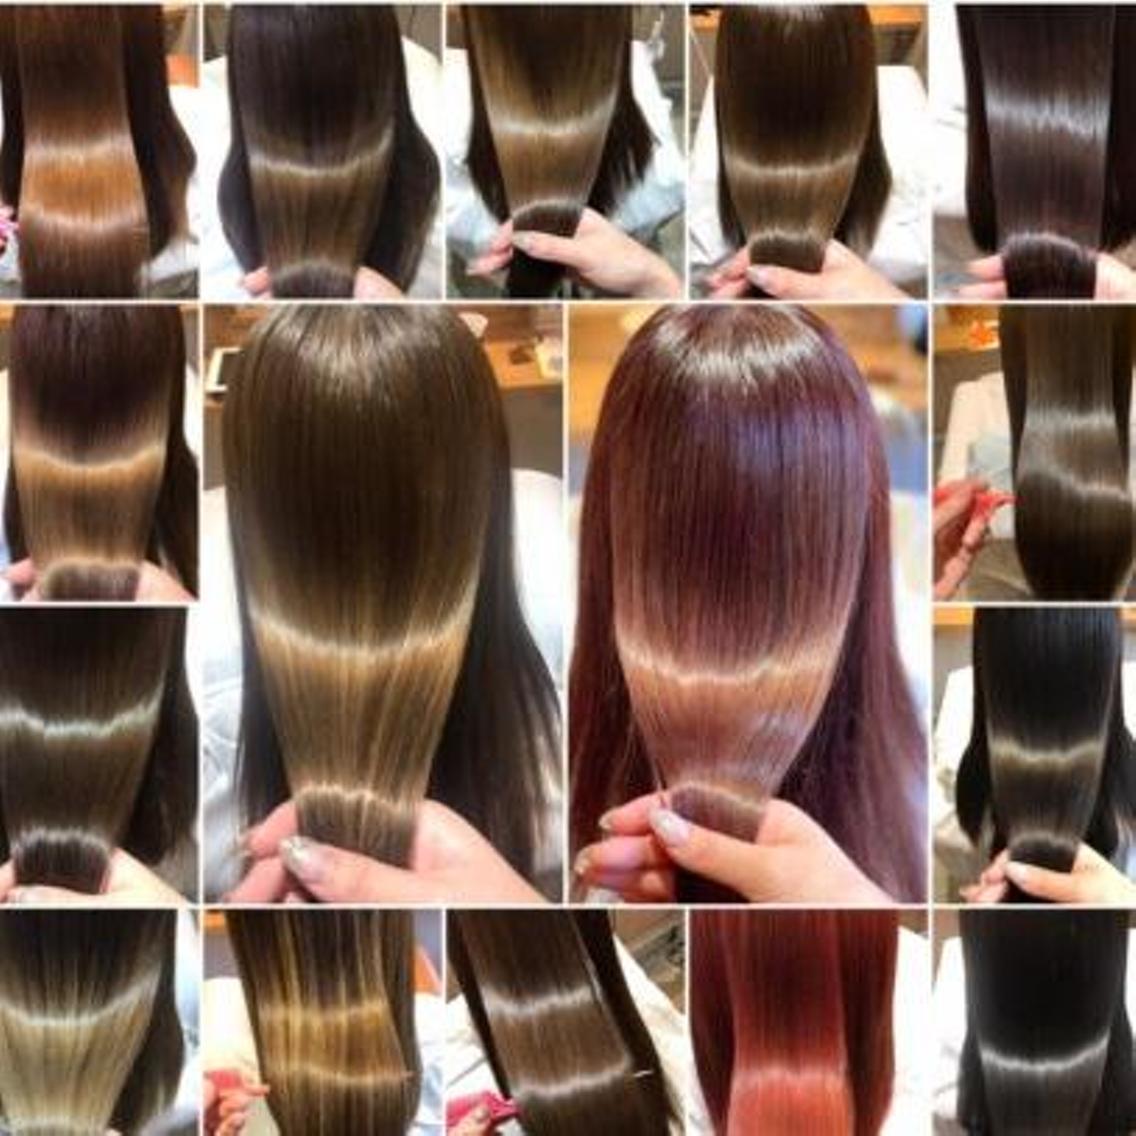 💓天使の輪💓ツヤ髪💓💎学割OK💎💓ツヤ髪ならお任せください💓天使の輪作ります💓最大60%off✨すぐ予約OK✨☆錦糸町☆#イルミナカラー#ダメージレス#TOKIO#ハホニコ